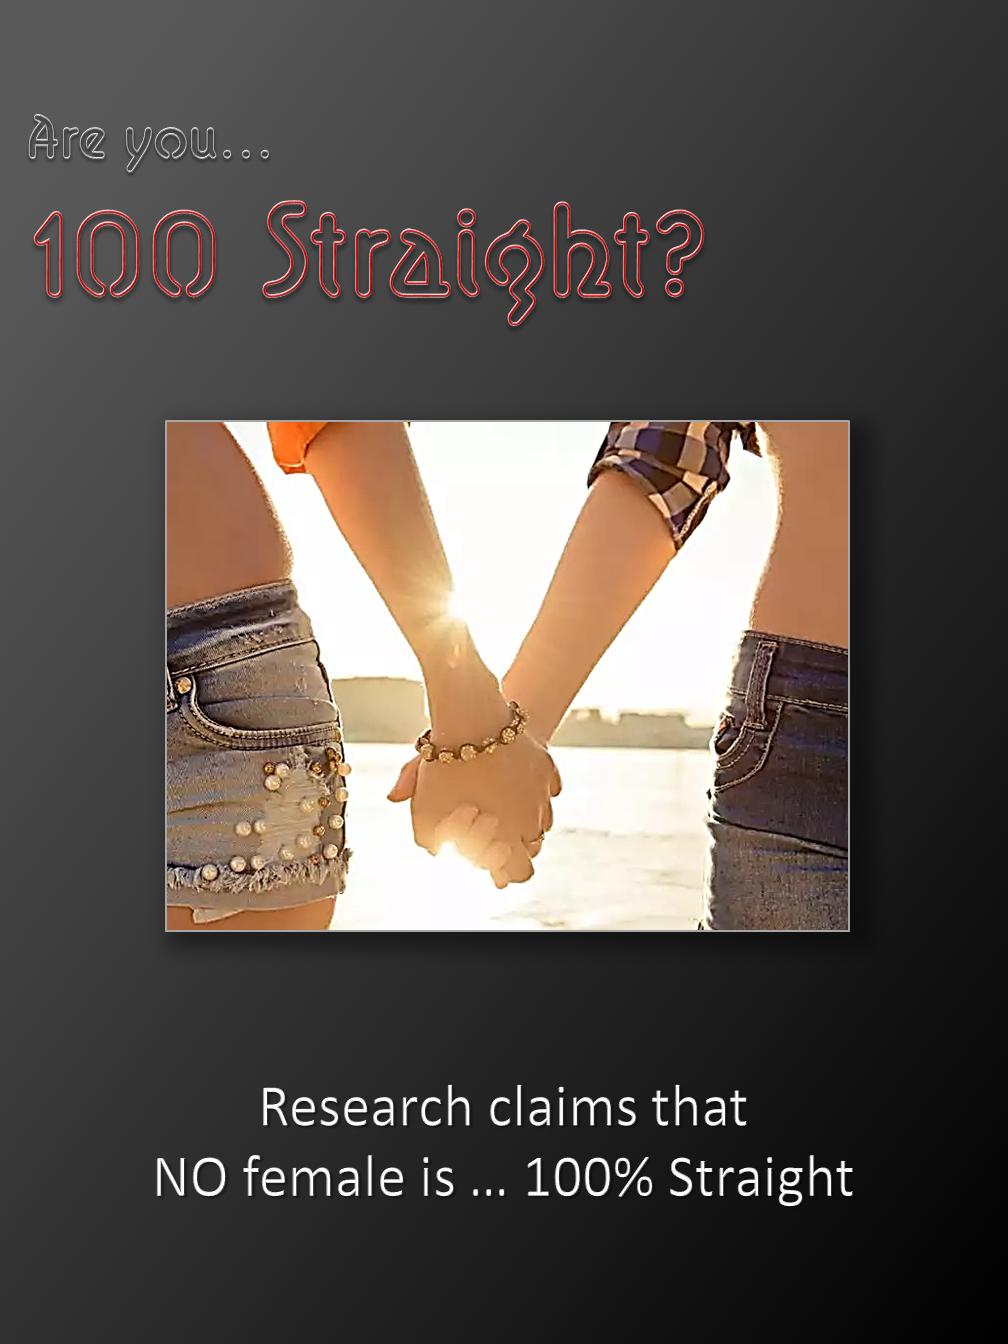 100% Straight?